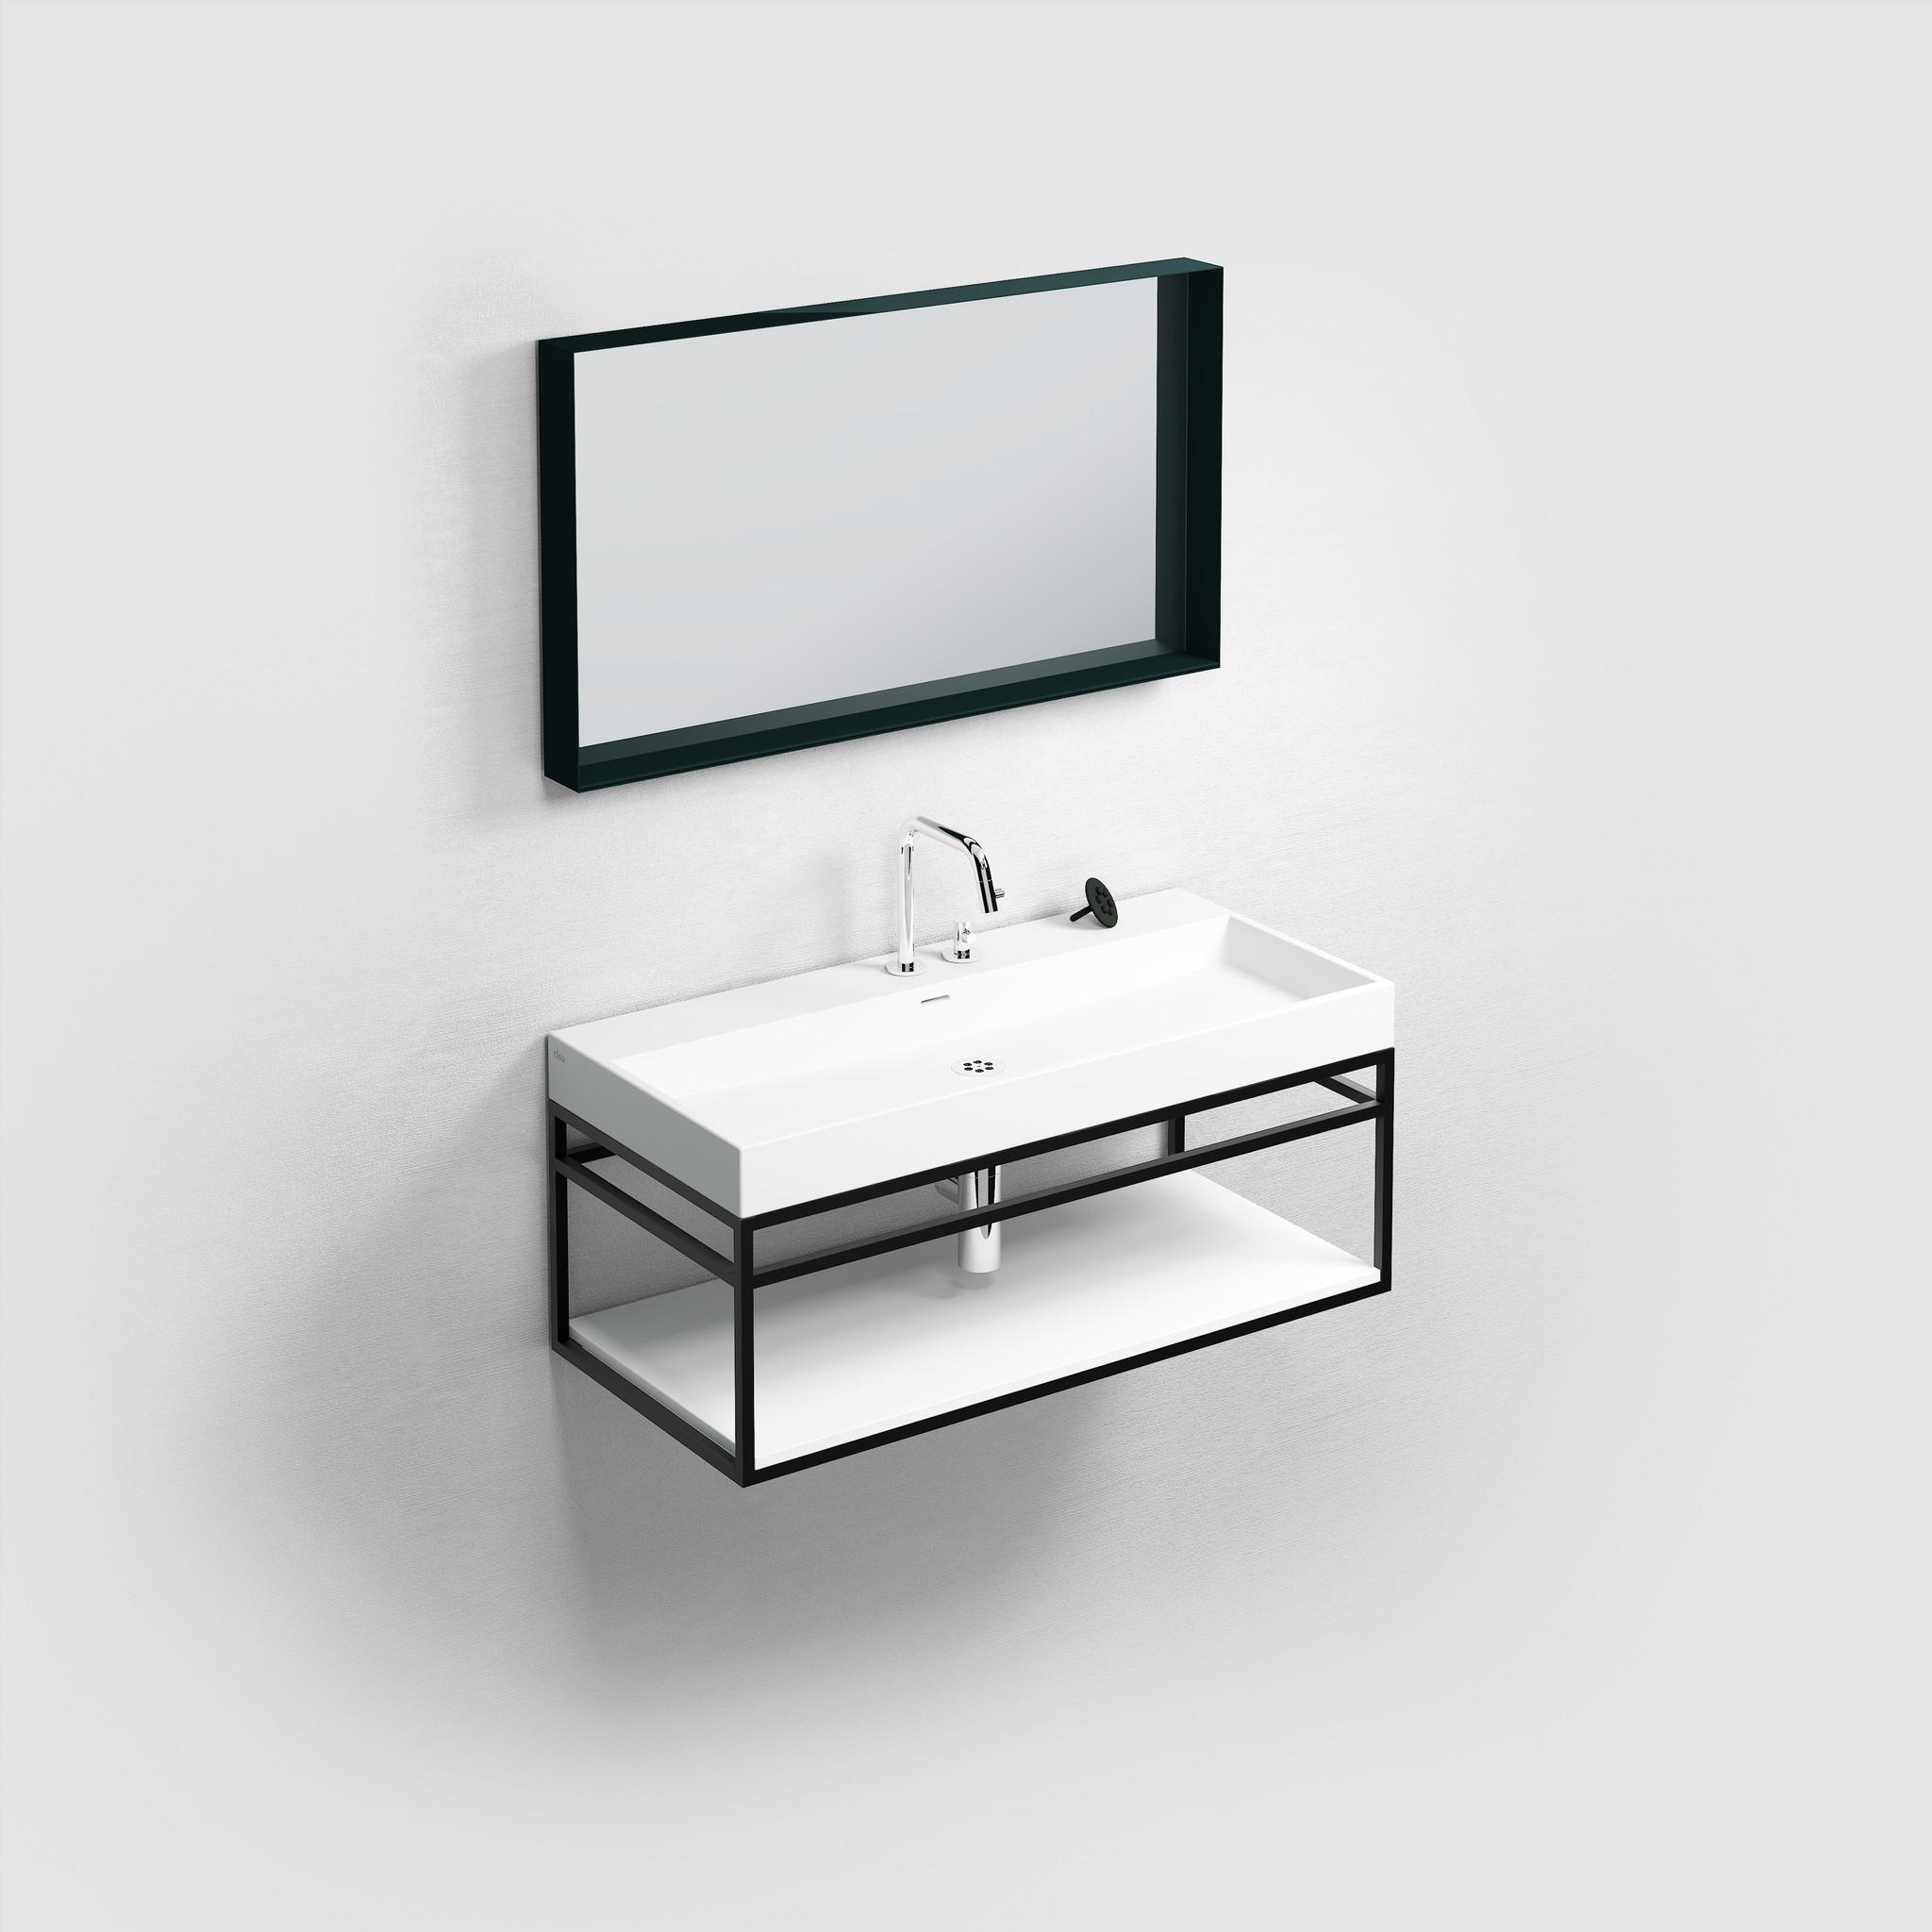 Frame inleg planchet 87 cm voor (New) Wash Me